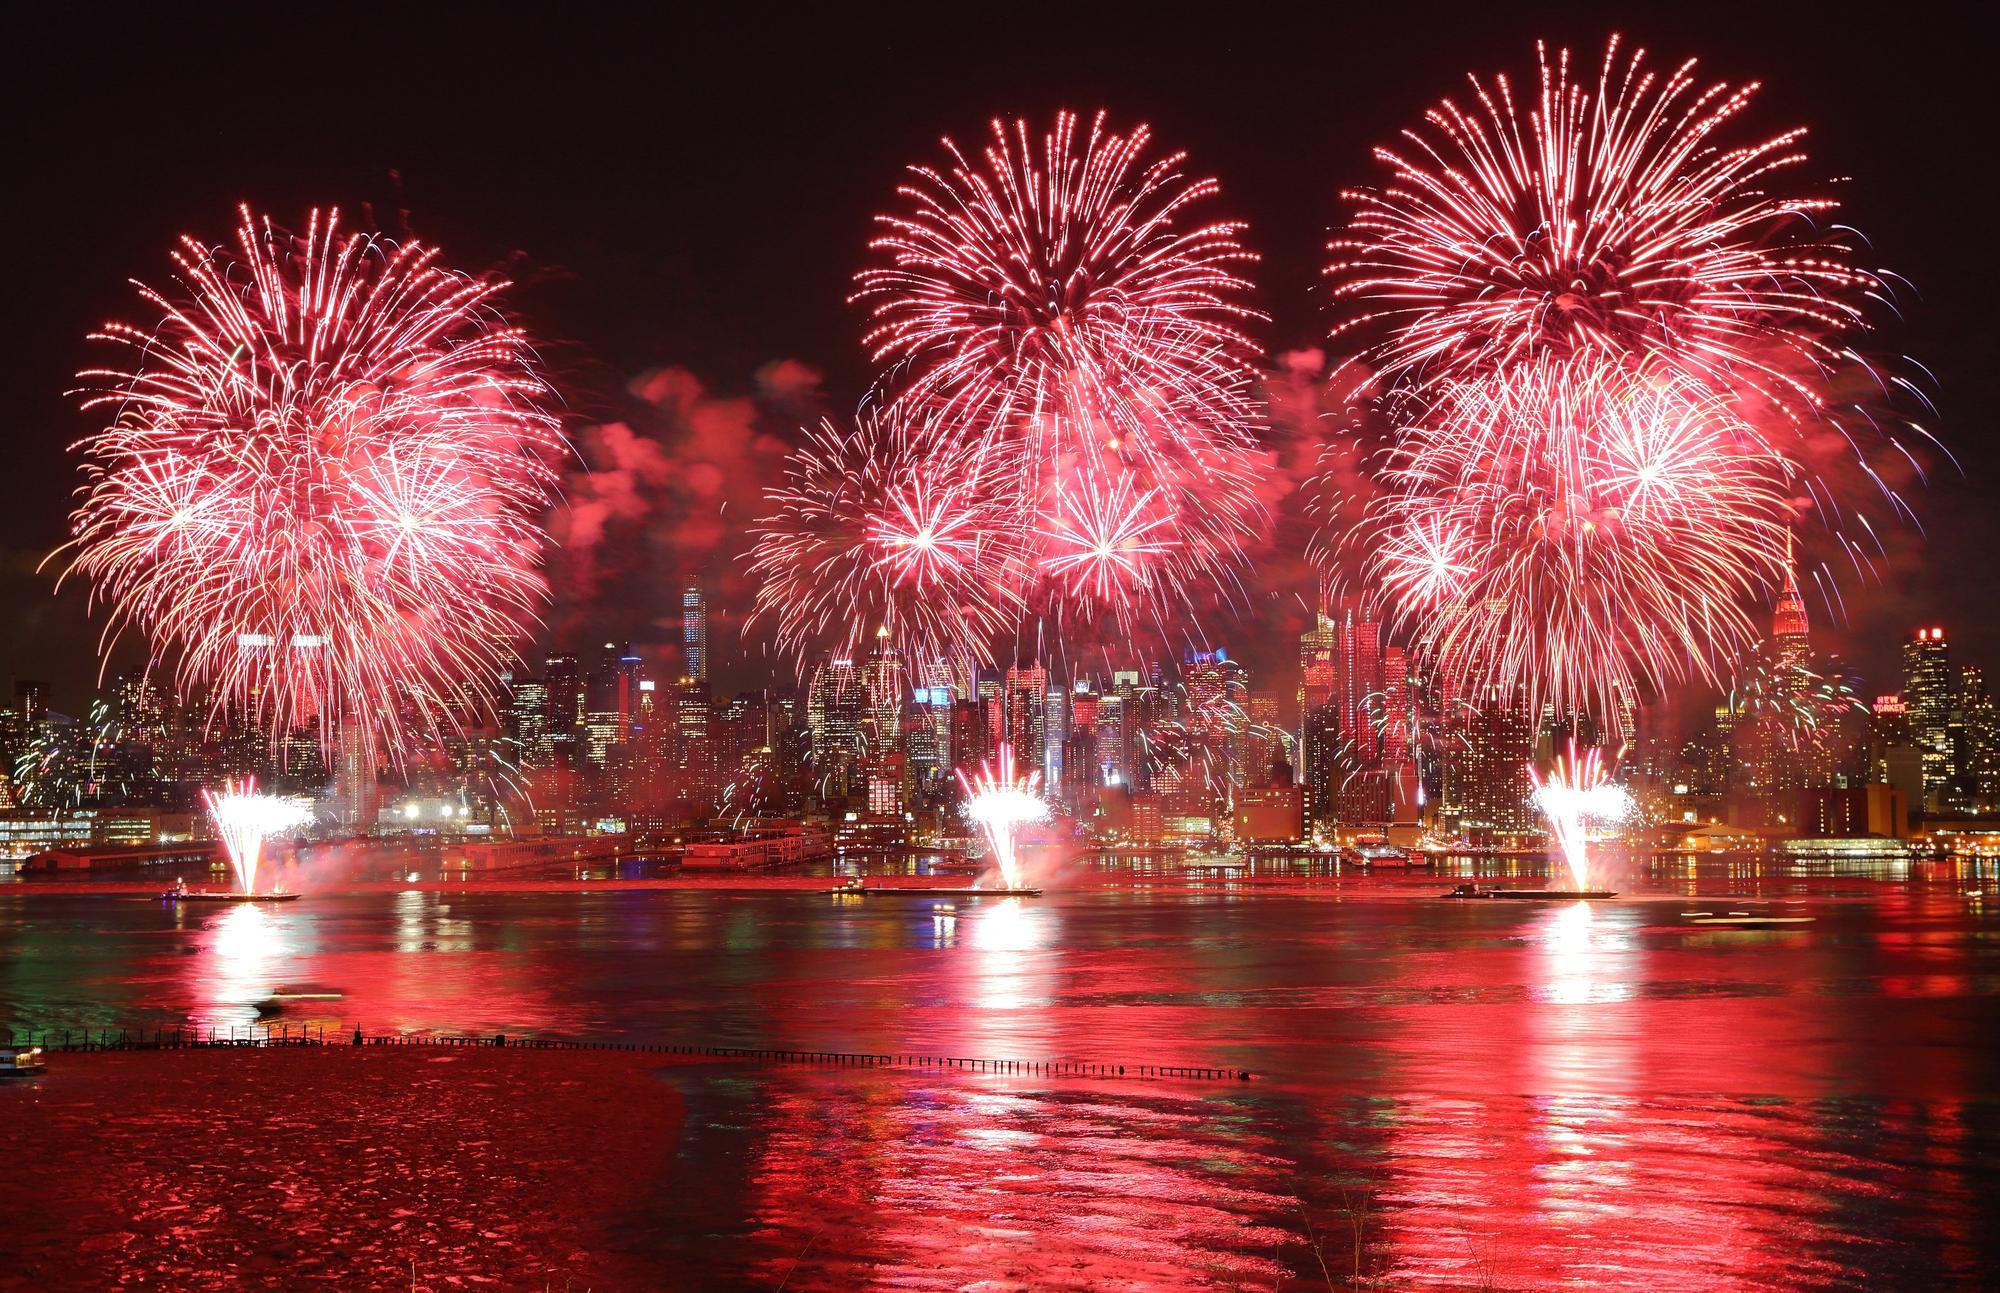 Video: Pháo hoa rực rỡ chào xuân Ất Mùi trên sông Hudson, Mỹ - Ảnh 1